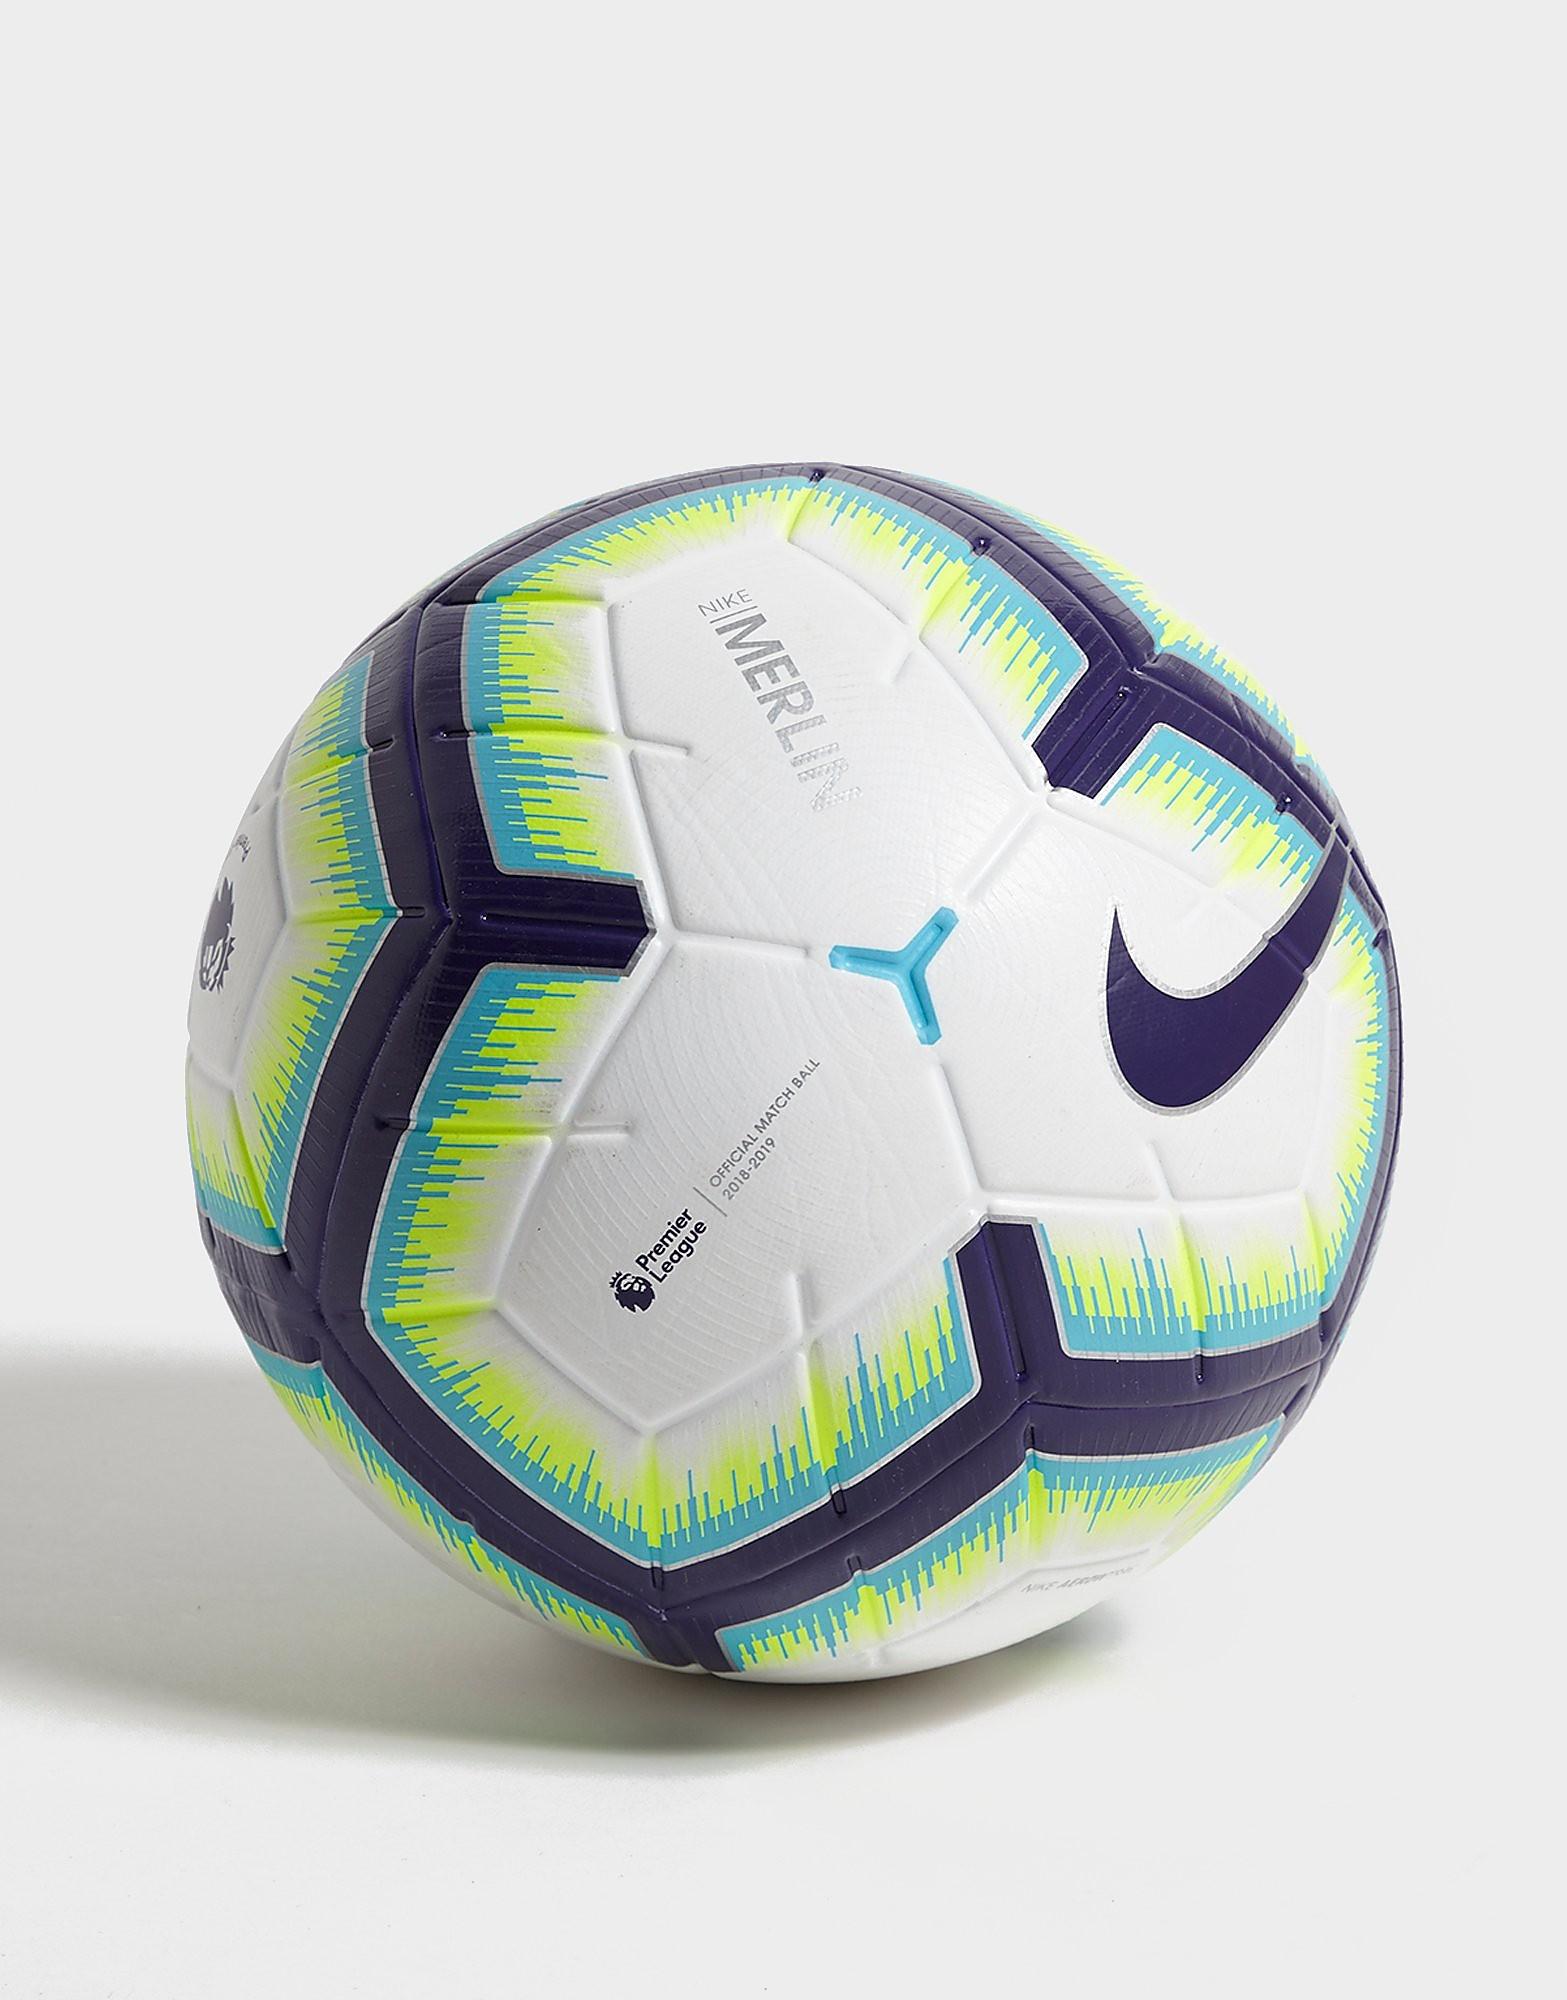 Nike Premier League 2018/19 Merlin Football